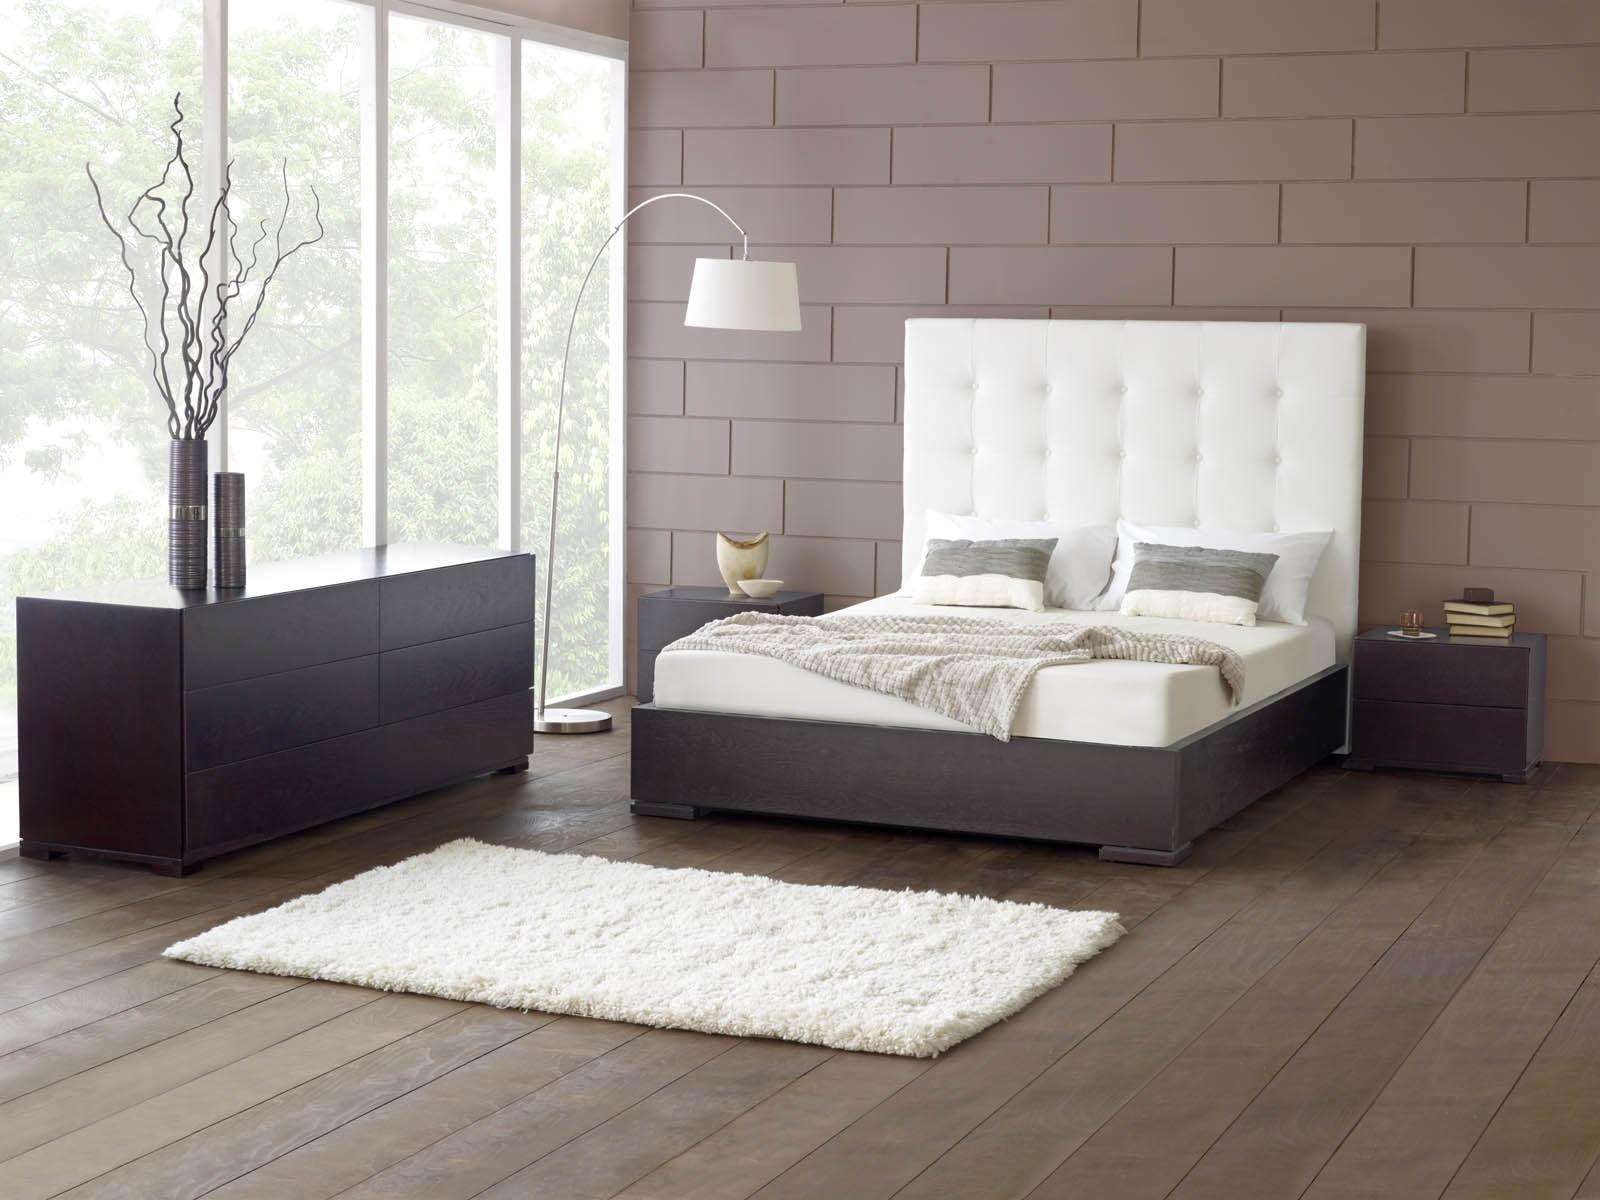 papel de parede simples para o quarto